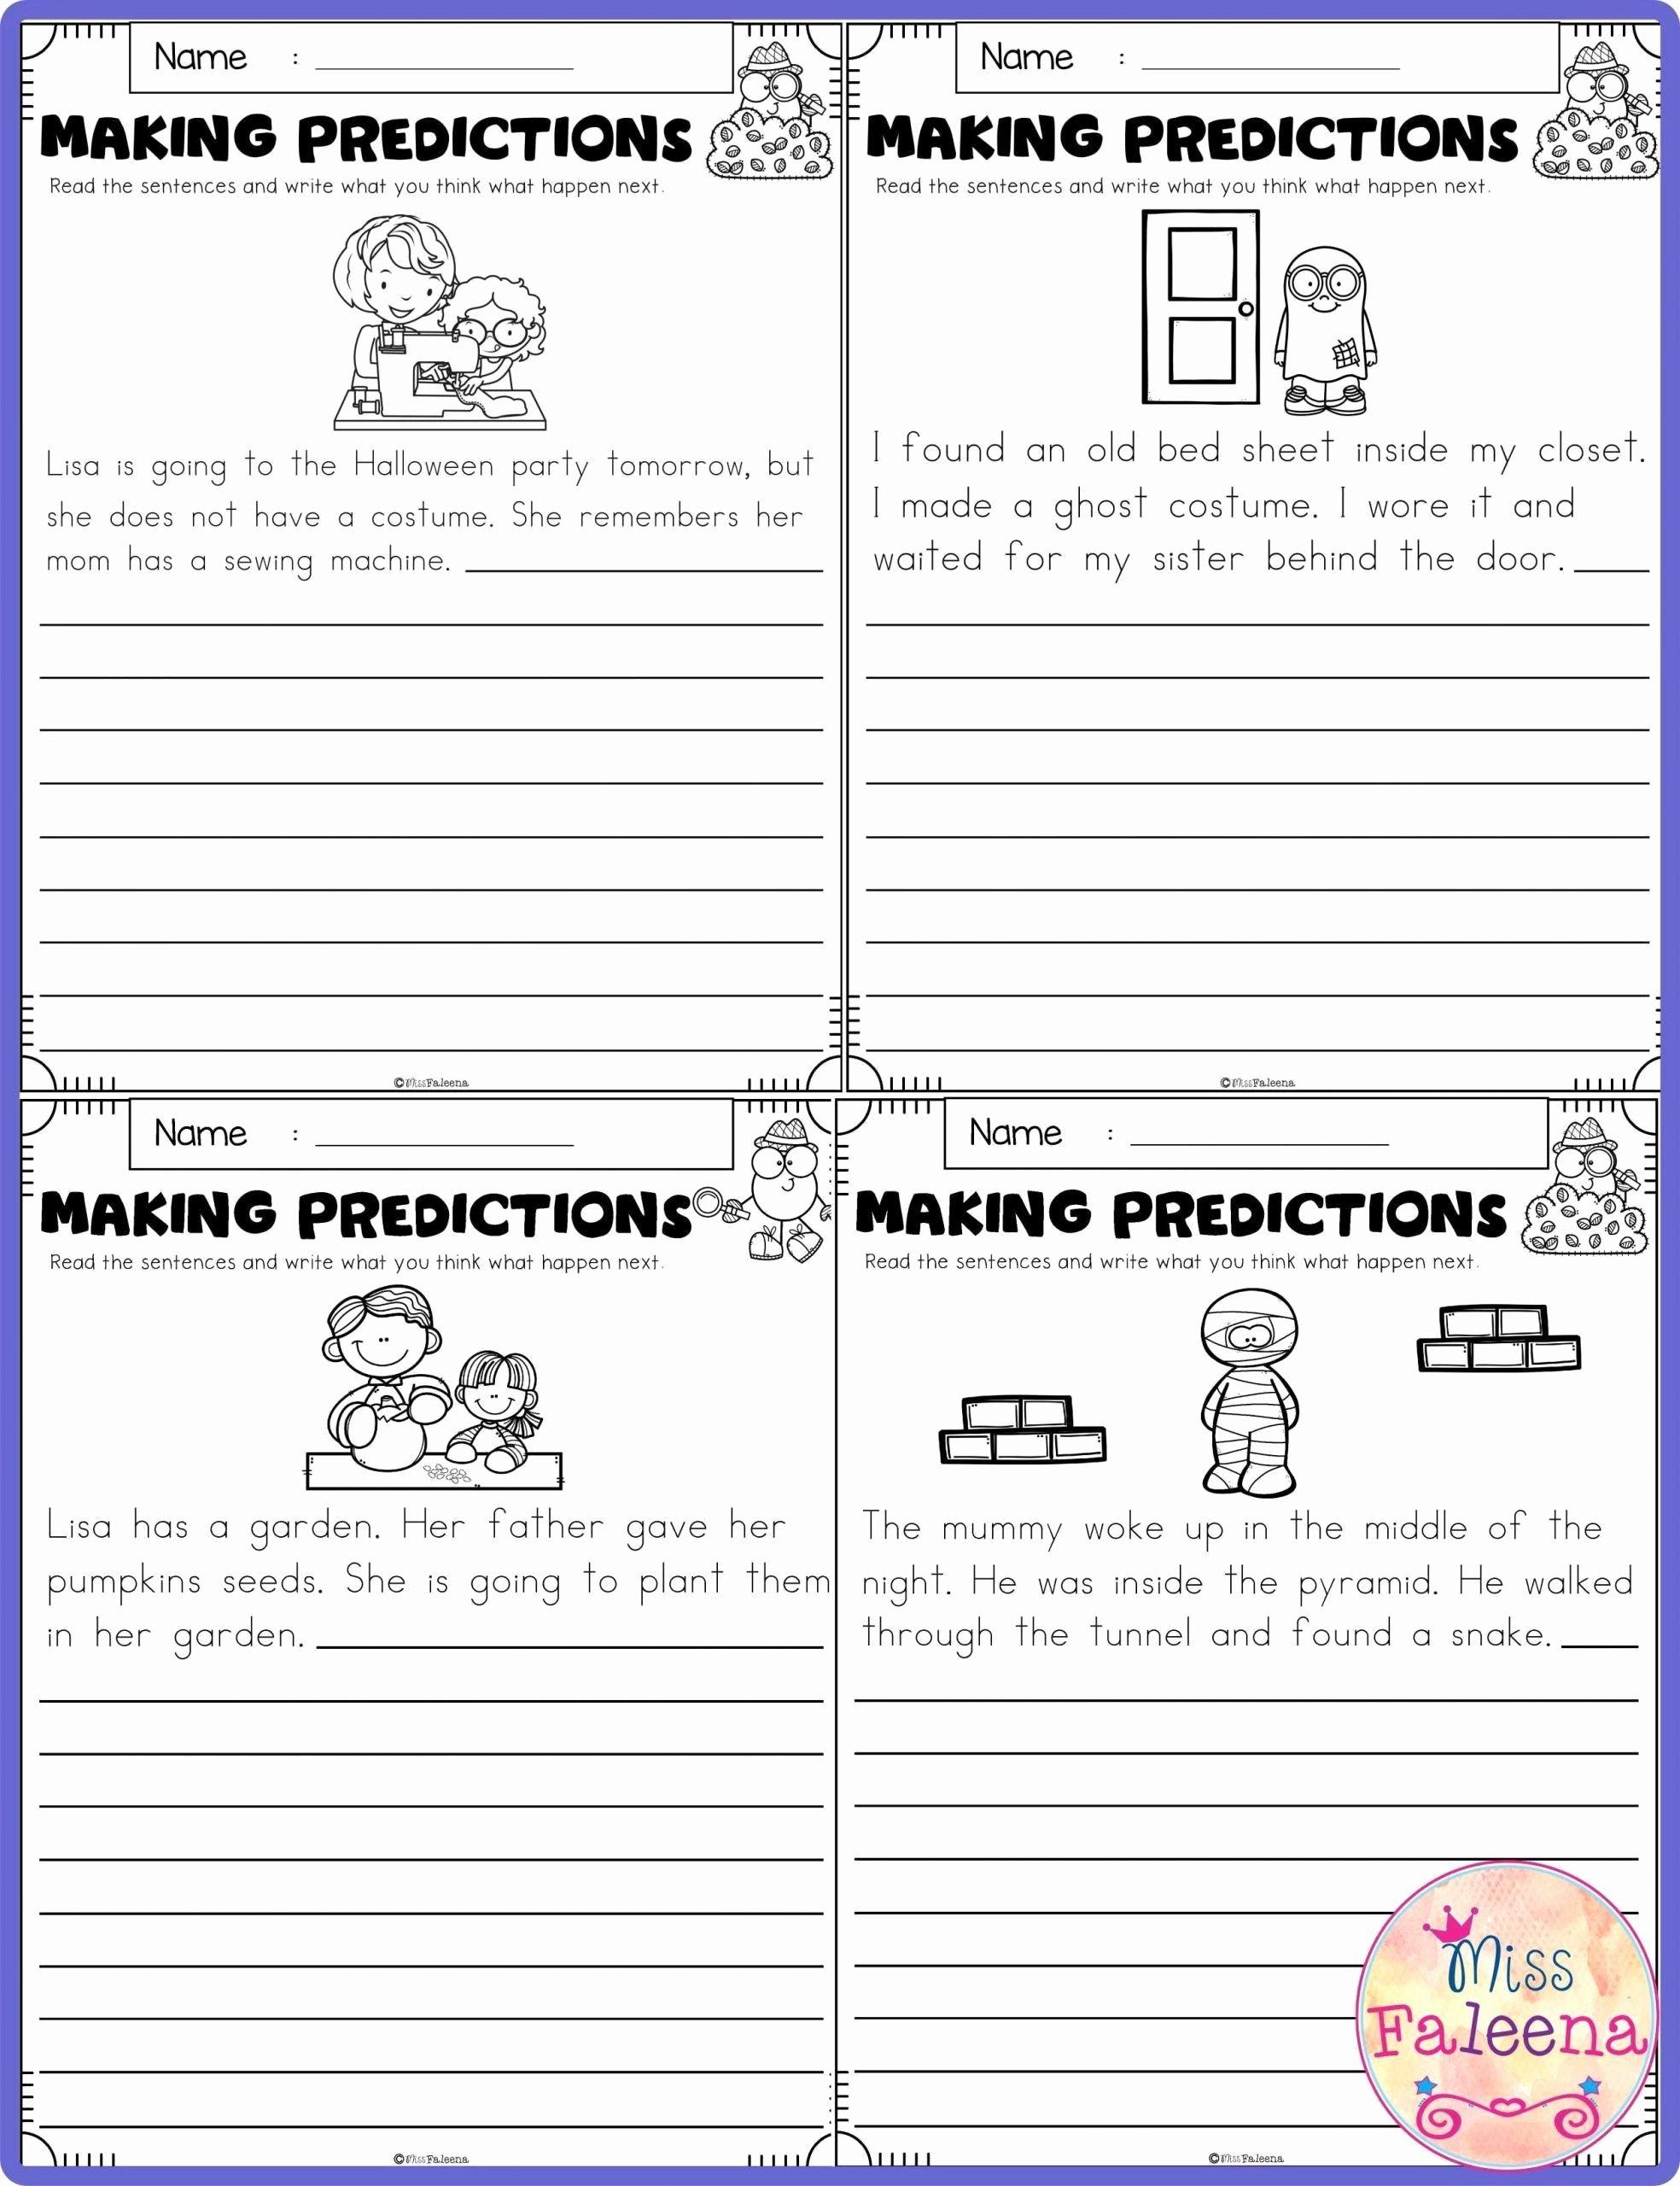 Making Predictions Worksheets 3rd Grade Inspirational Predictions Worksheets 3rd Grade In 2020